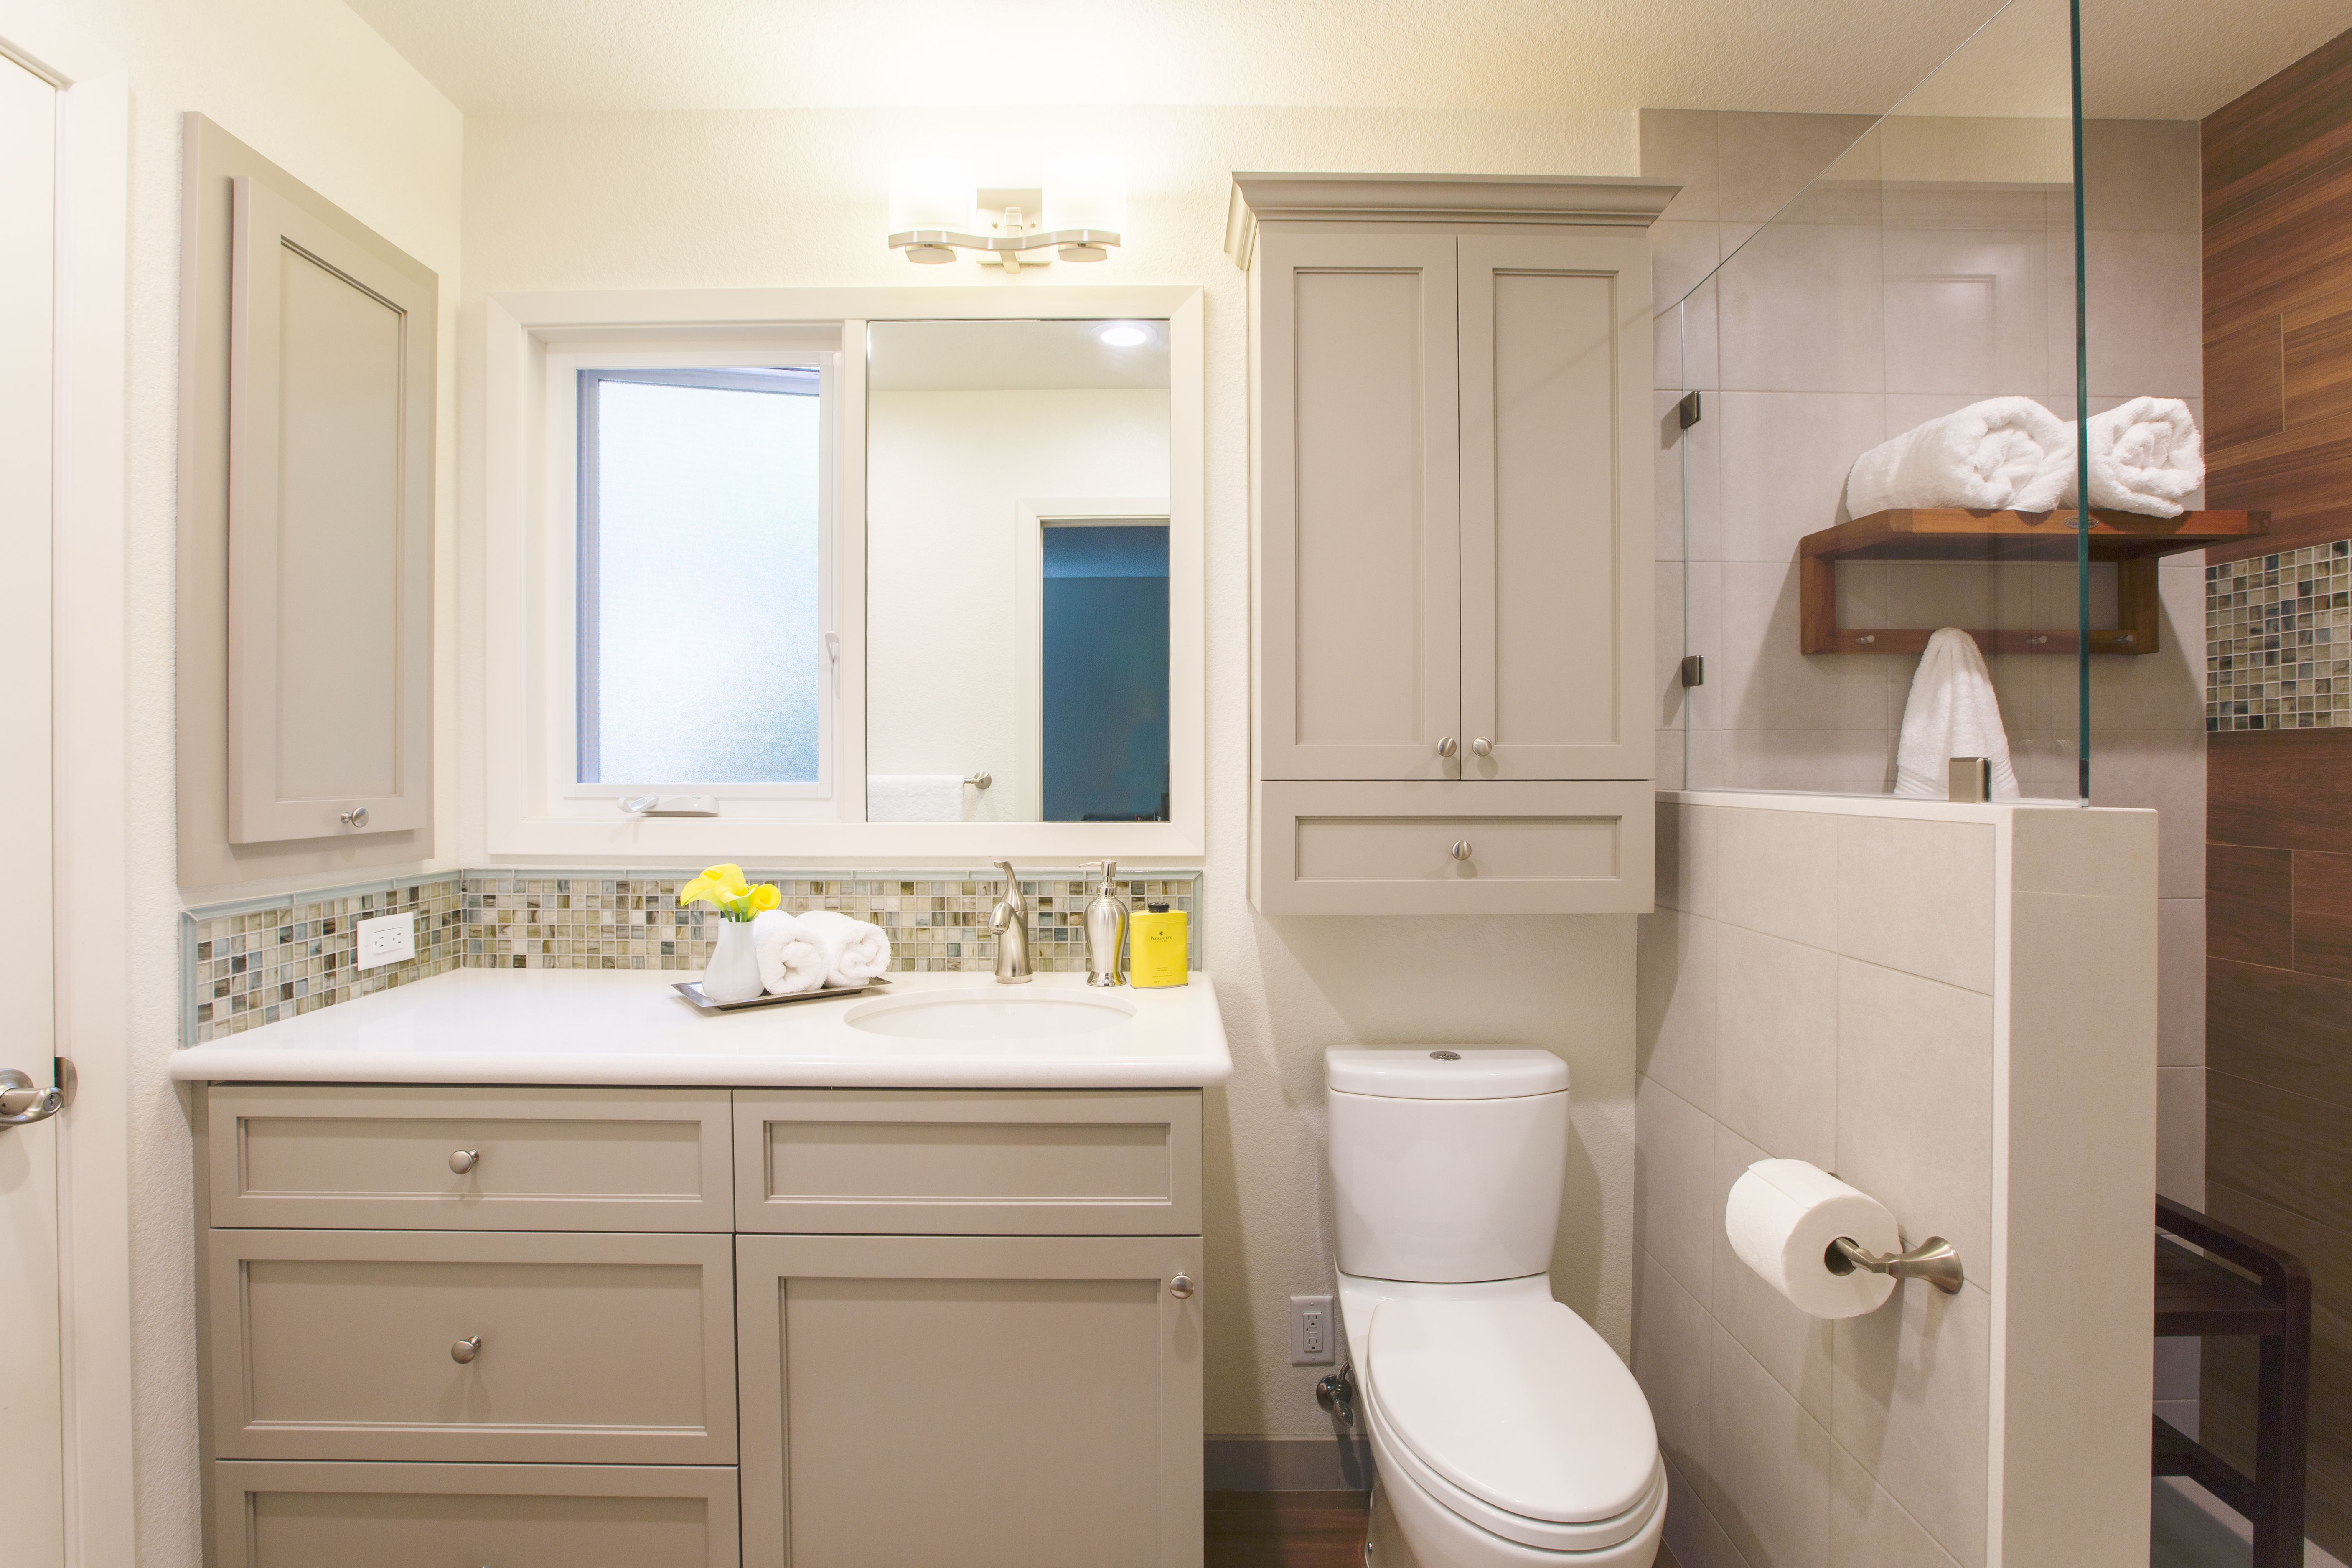 Case Design Remodeling Bathroom Remodel Bathrooms Remodel